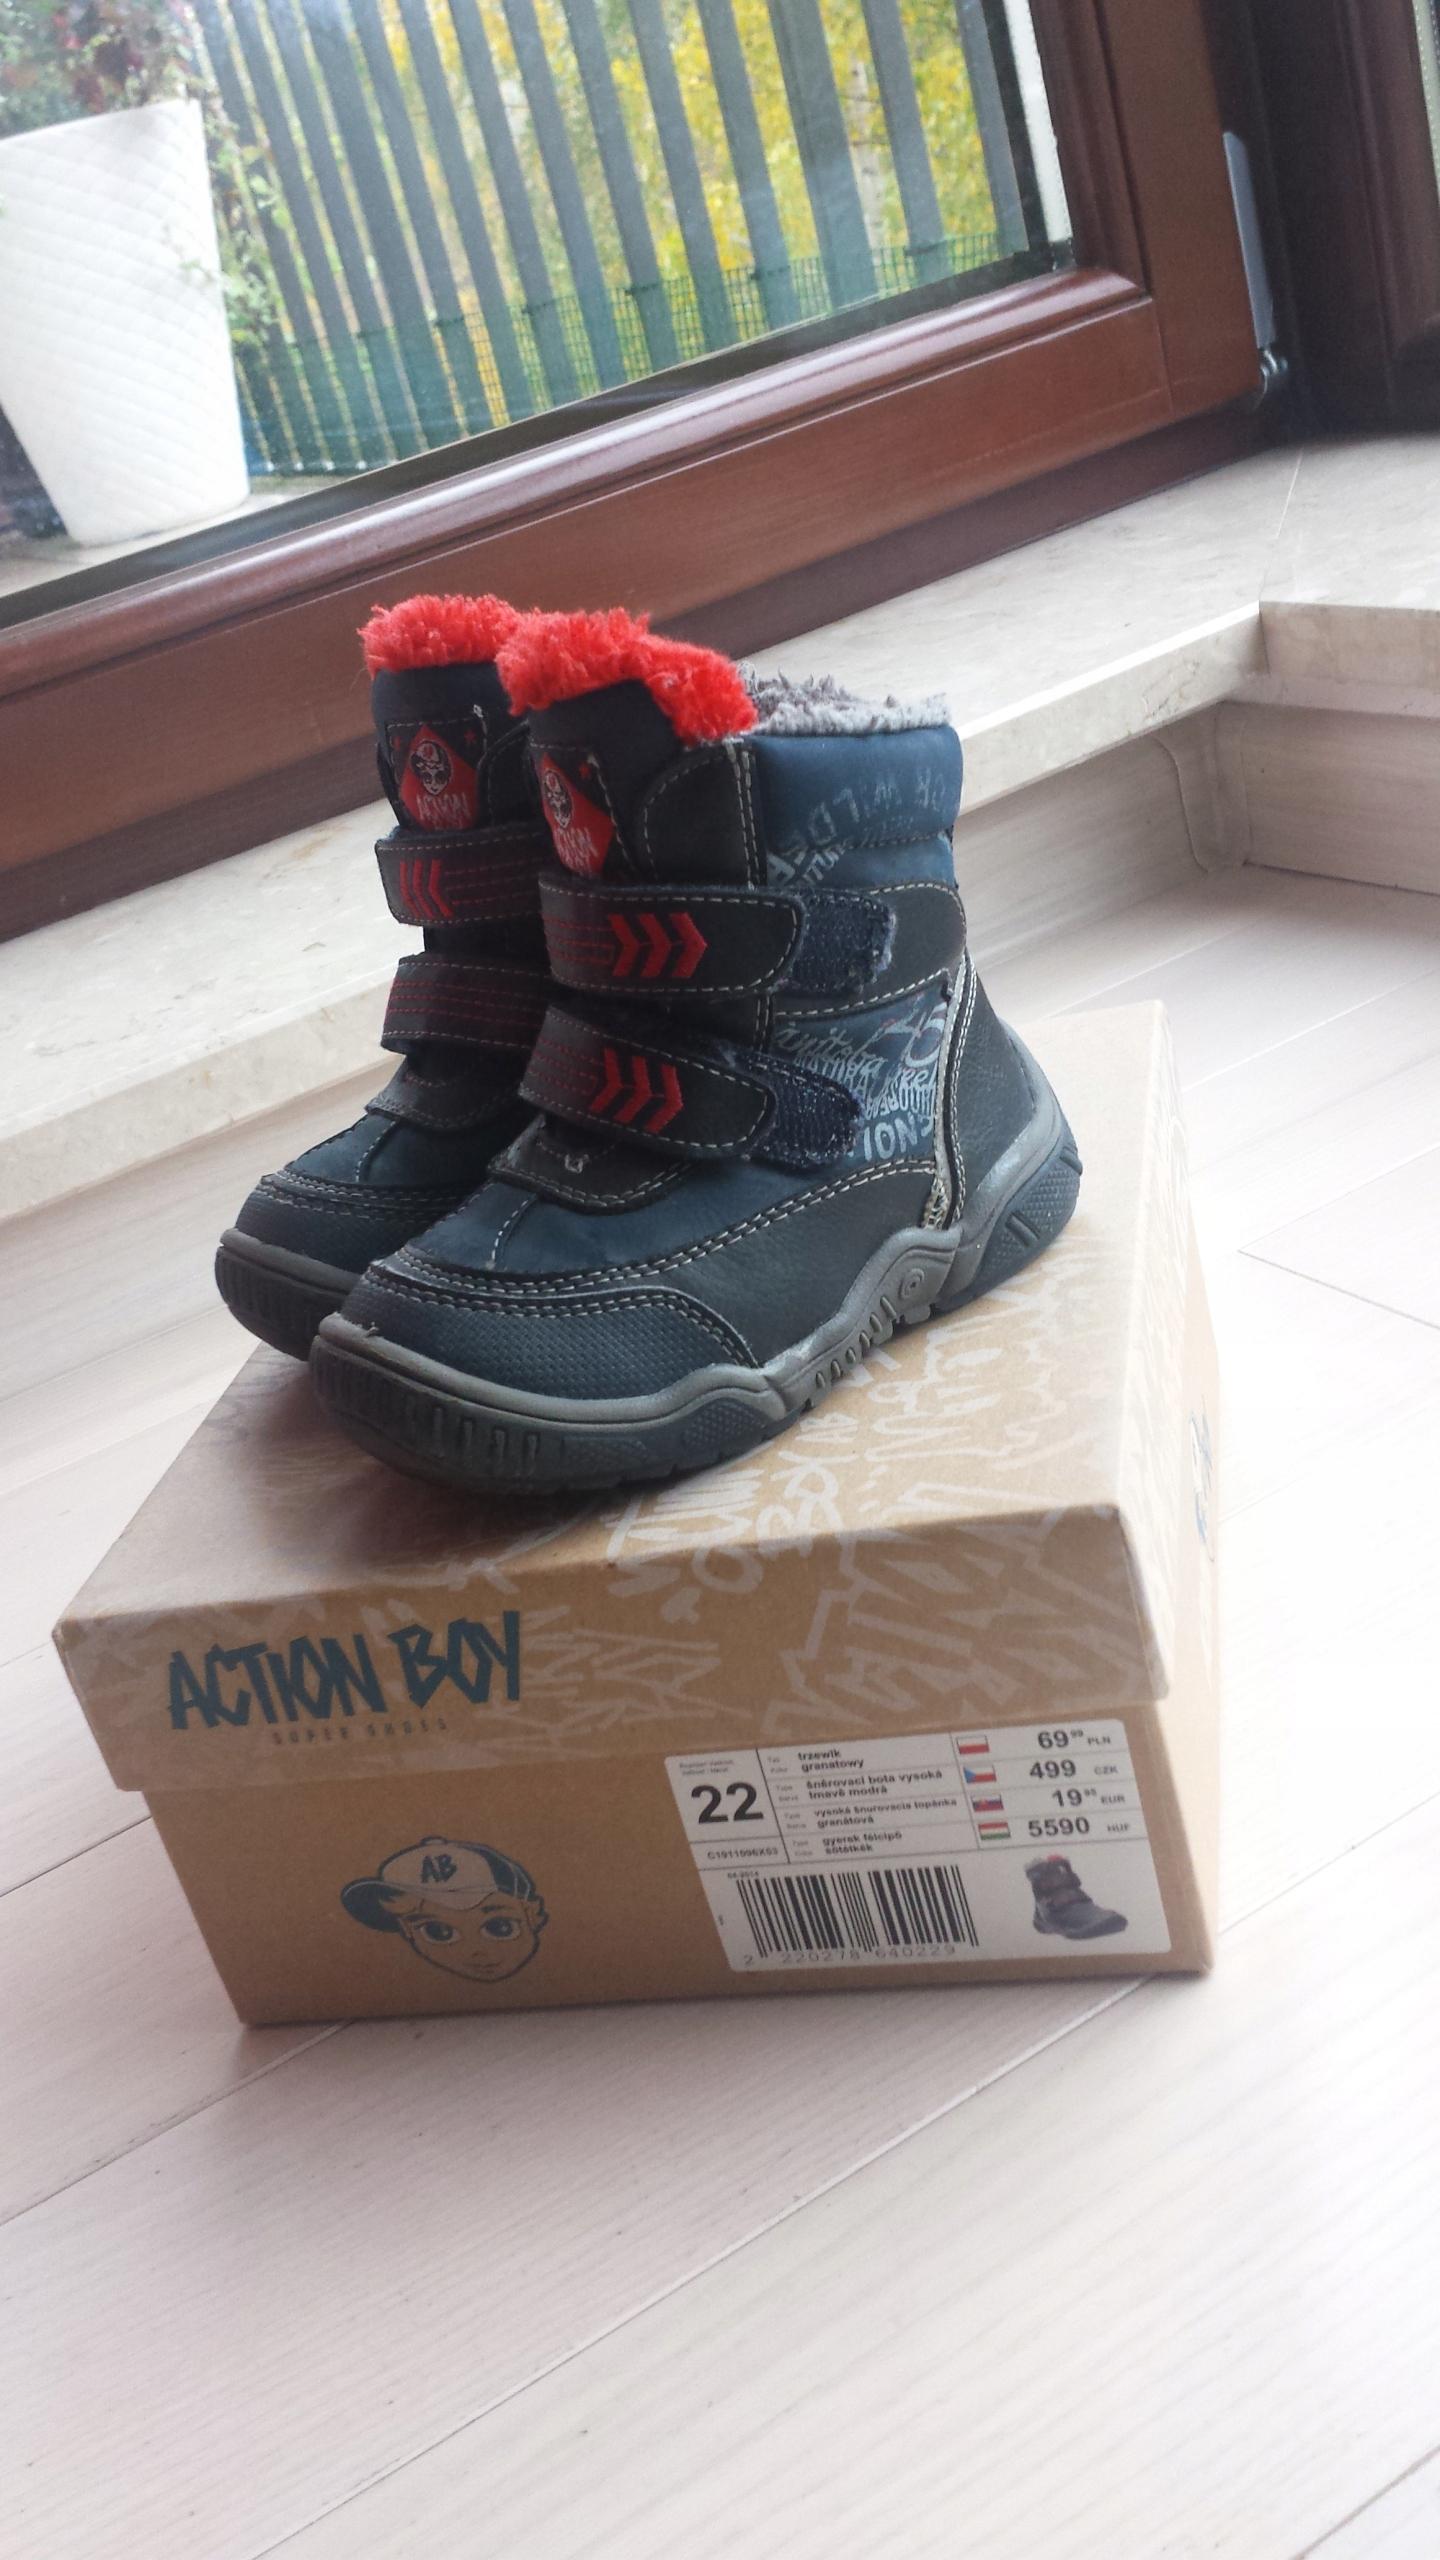 bd5082e6 Buty zimowe, chłopięce, rozmiar 22, Action Boy - 7642728209 ...